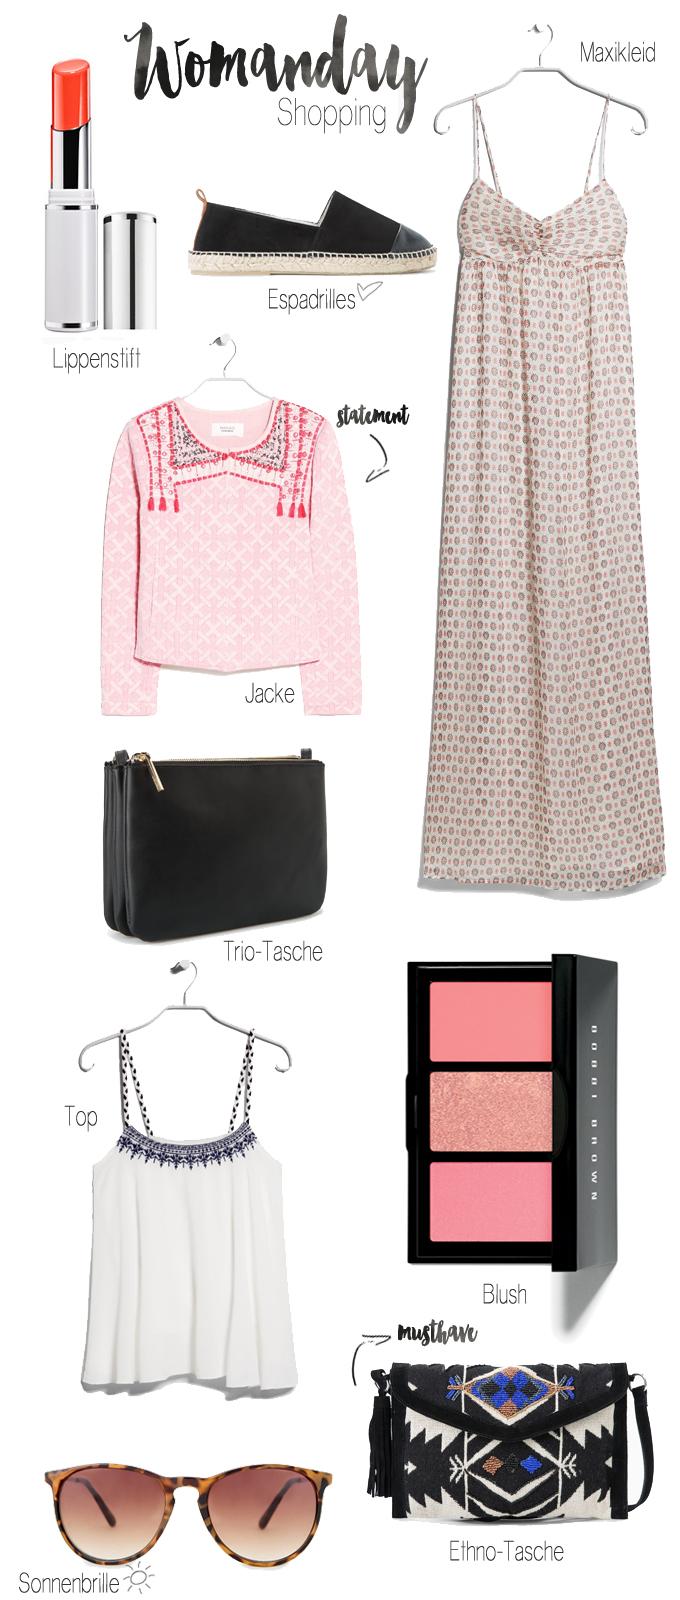 Womanday Shopping 2015